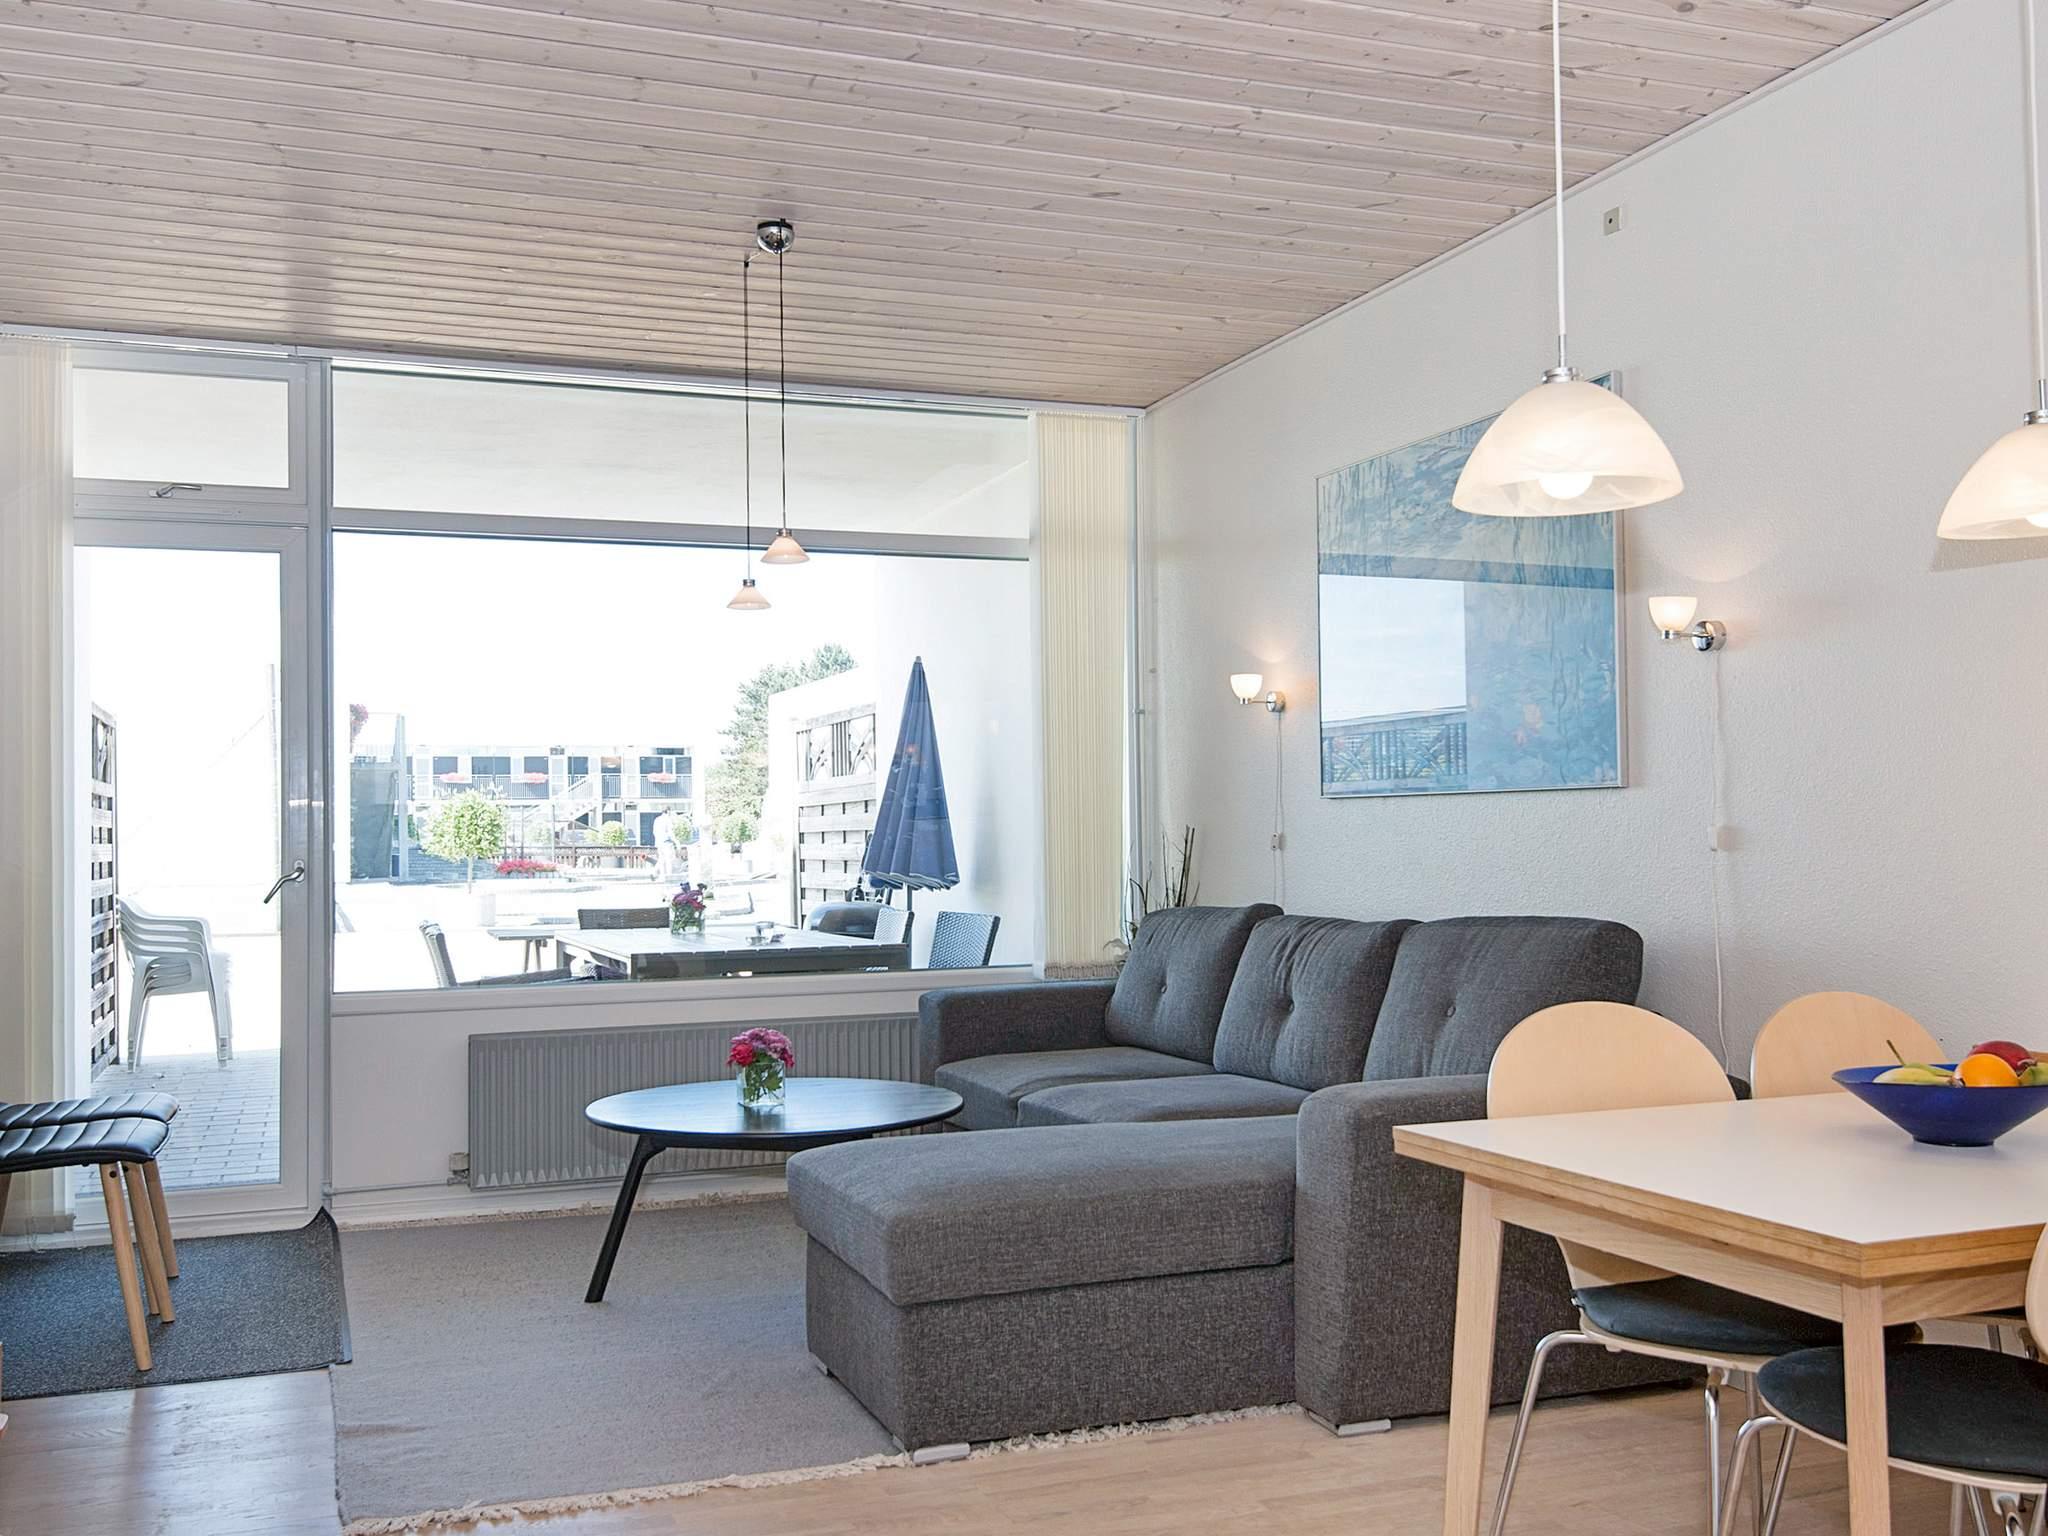 Ferienwohnung Bønnerup Strand - Typ 5 - 3 Zimmer,1.stock,Penthouse (1719346), Bønnerup, , Ostjütland, Dänemark, Bild 7